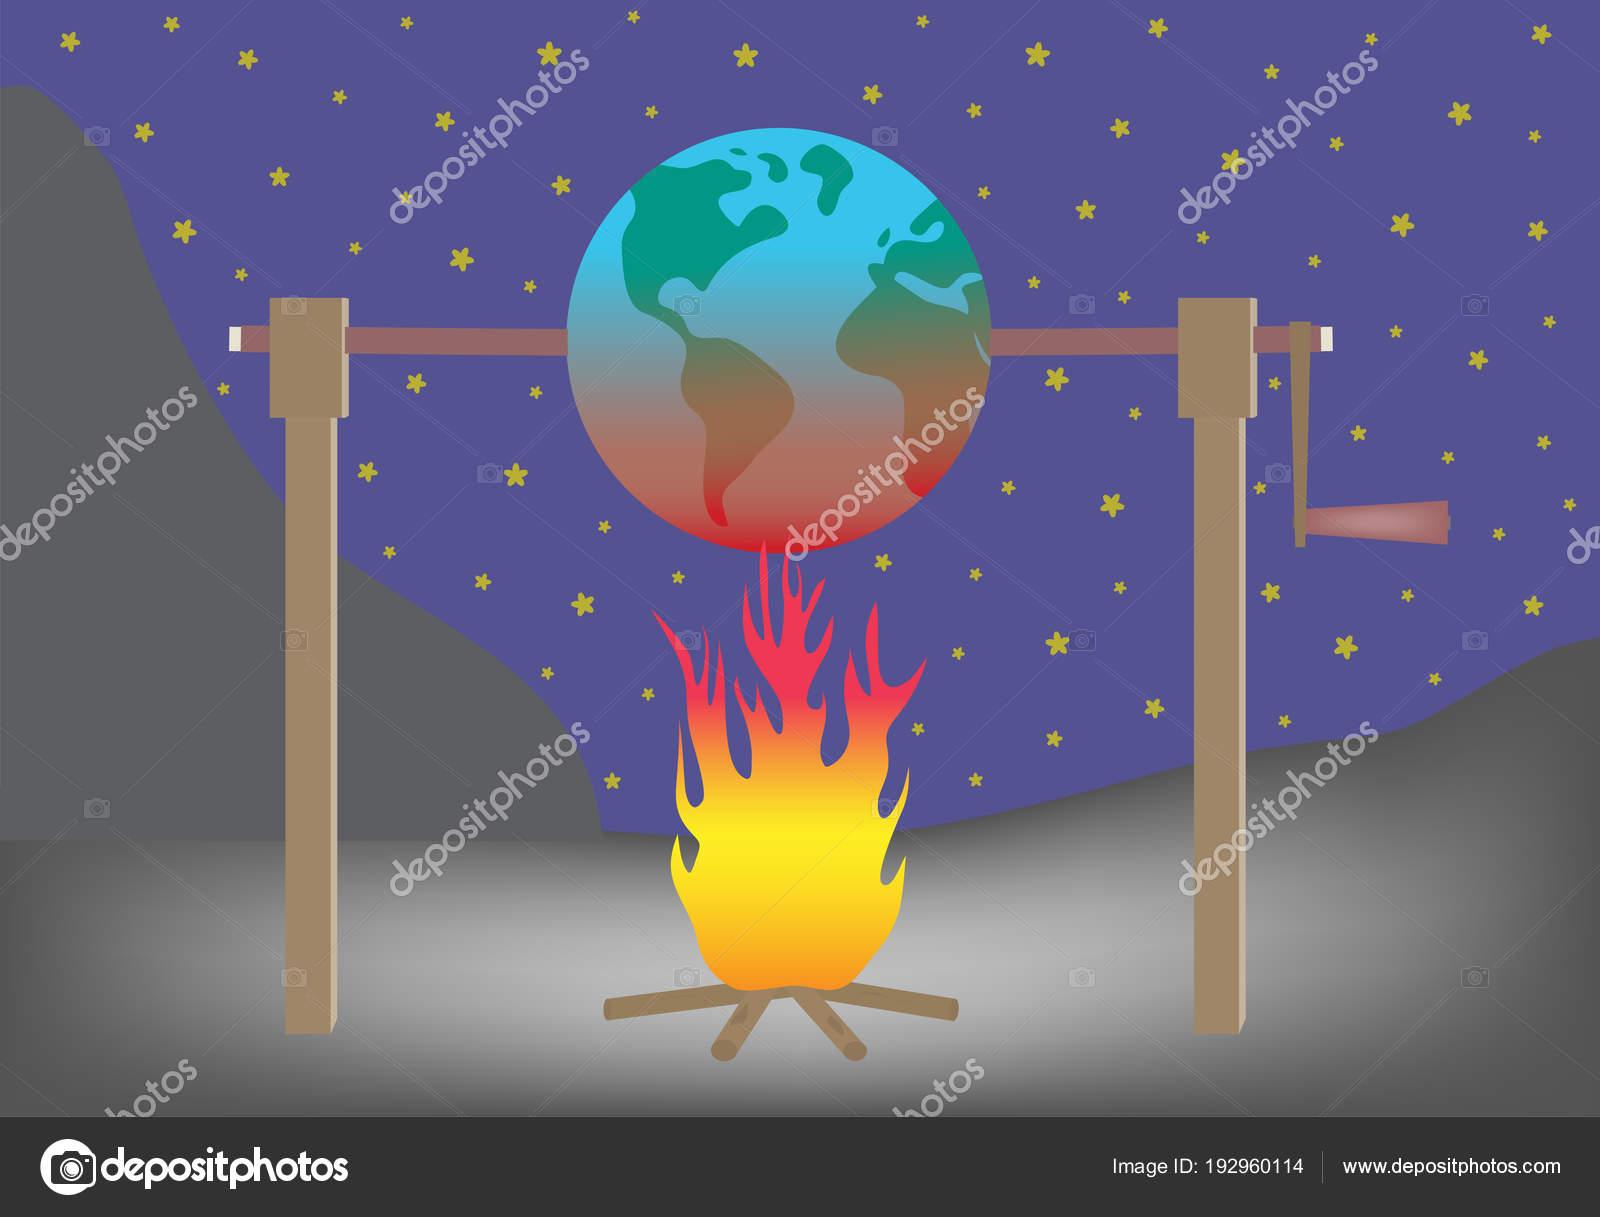 https://st3.depositphotos.com/1009310/19296/v/1600/depositphotos_192960114-stock-illustration-planet-earth-roasting-over-fire.jpg